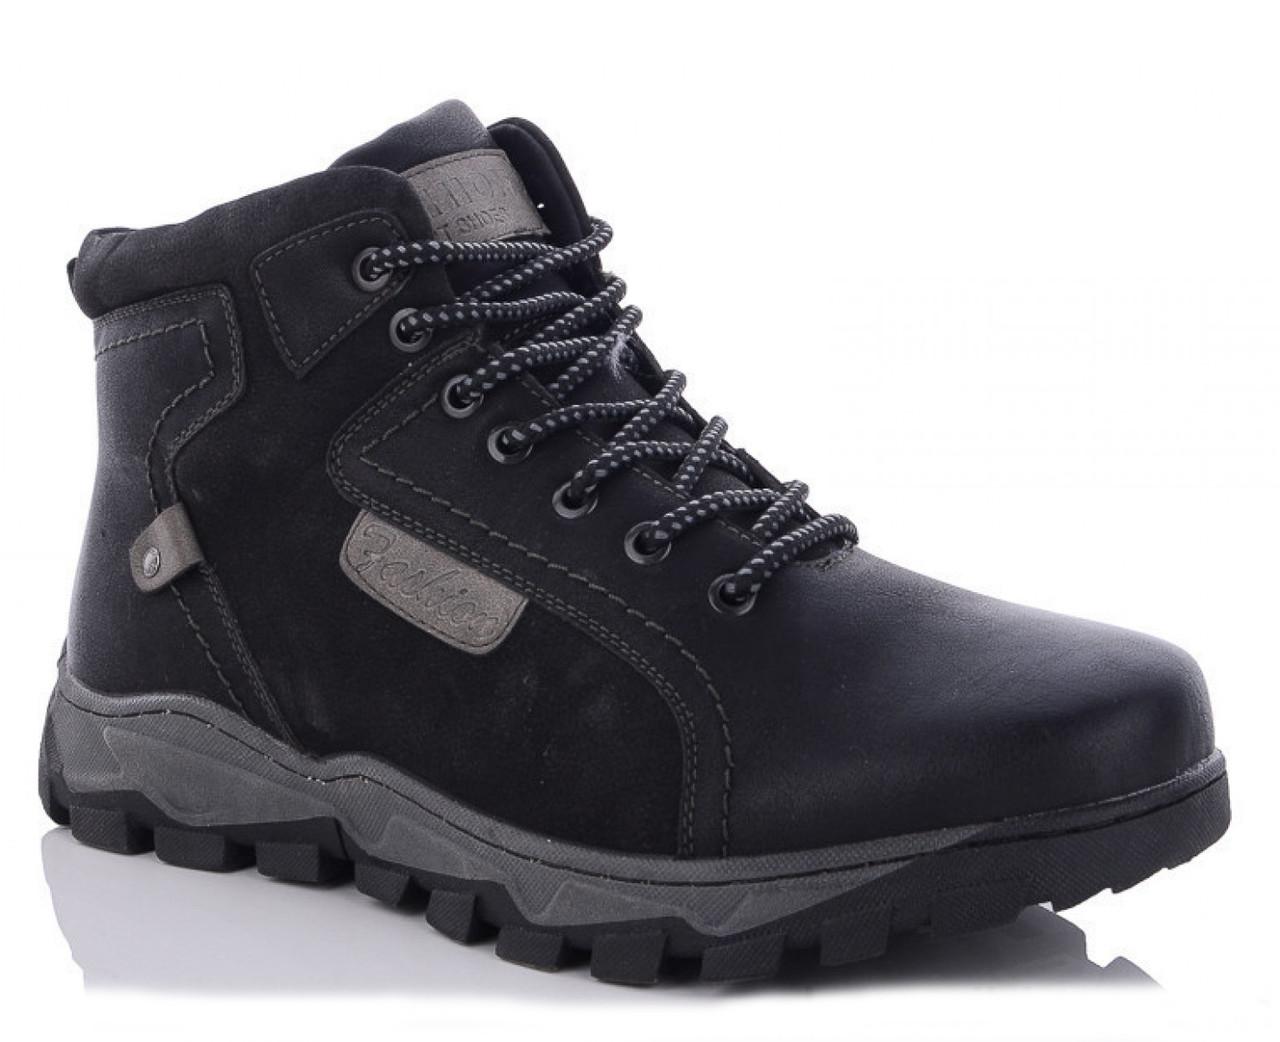 Мужские зимние ботинки BR-S из кожзама черные 45 р. - 30 см 1260666461